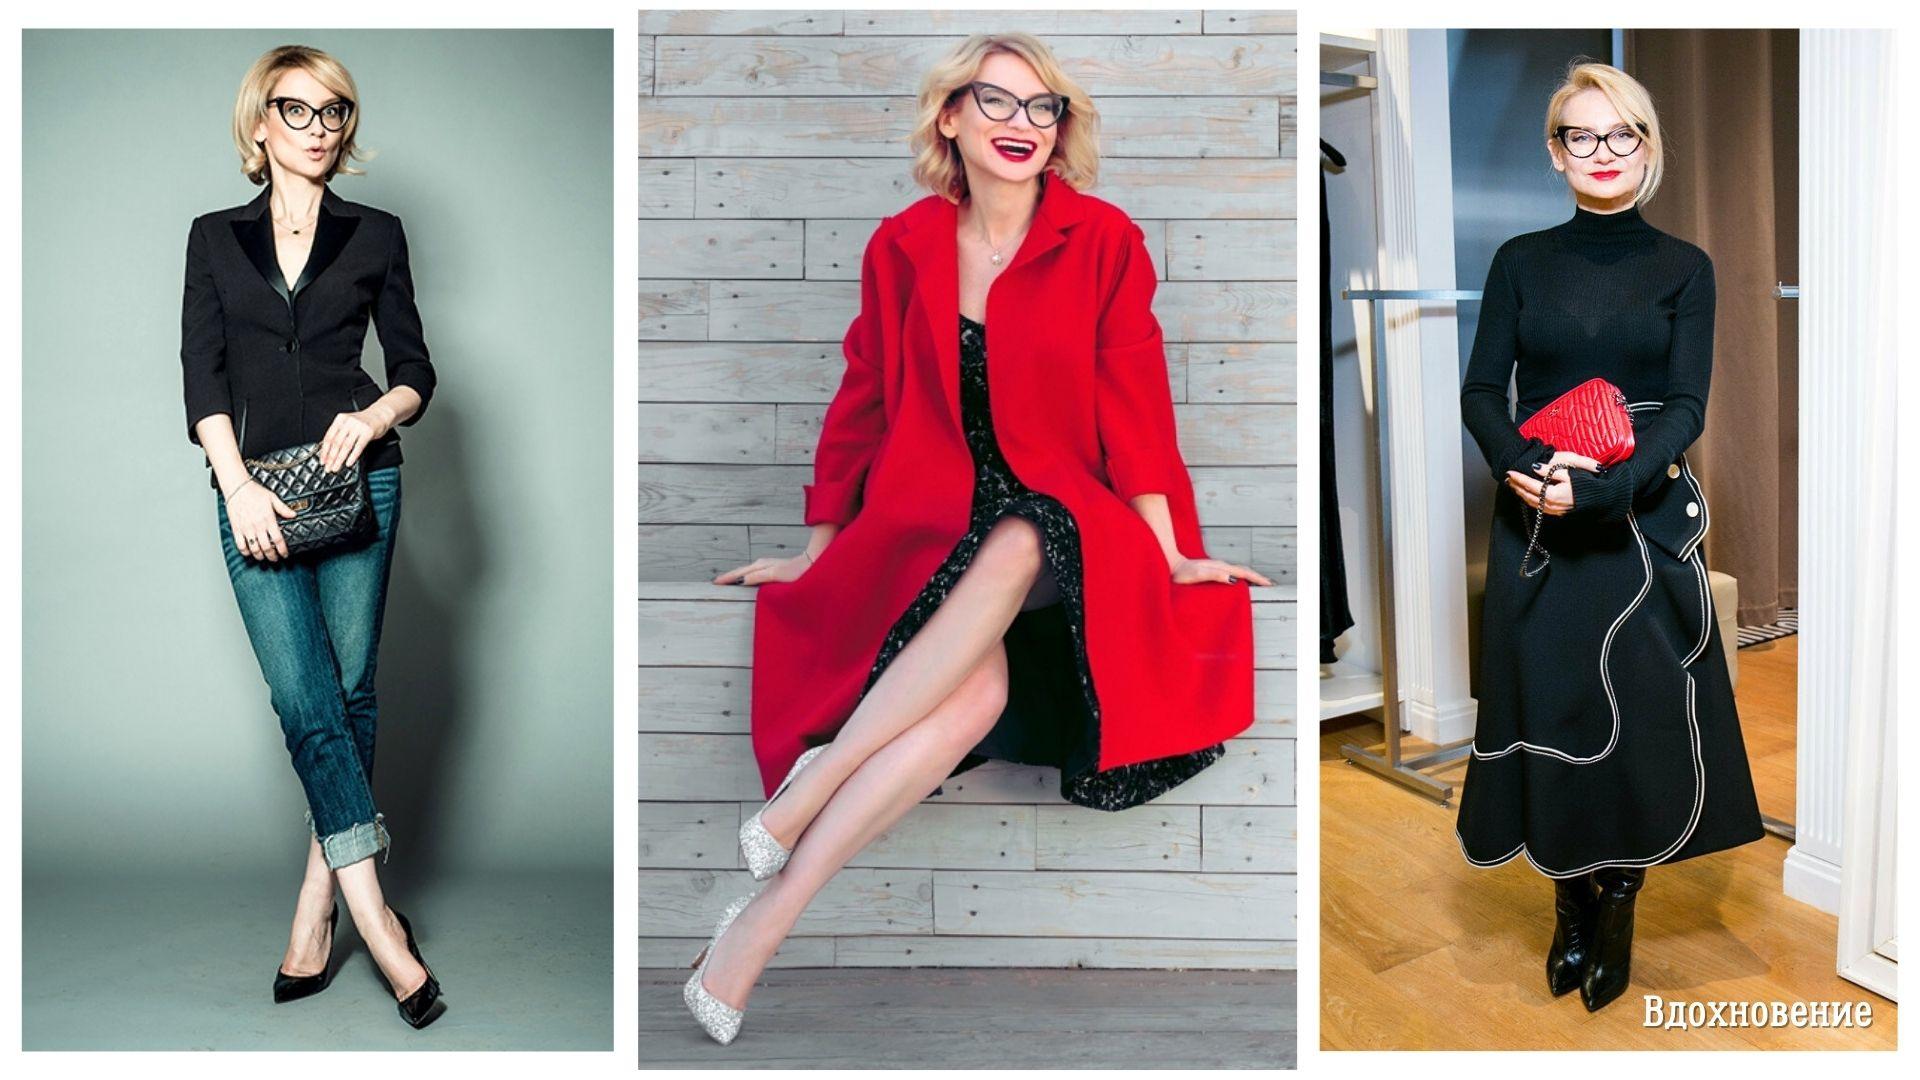 Всё дело в аксессуарах. 12 стильных образов от Эвелины Хромченко